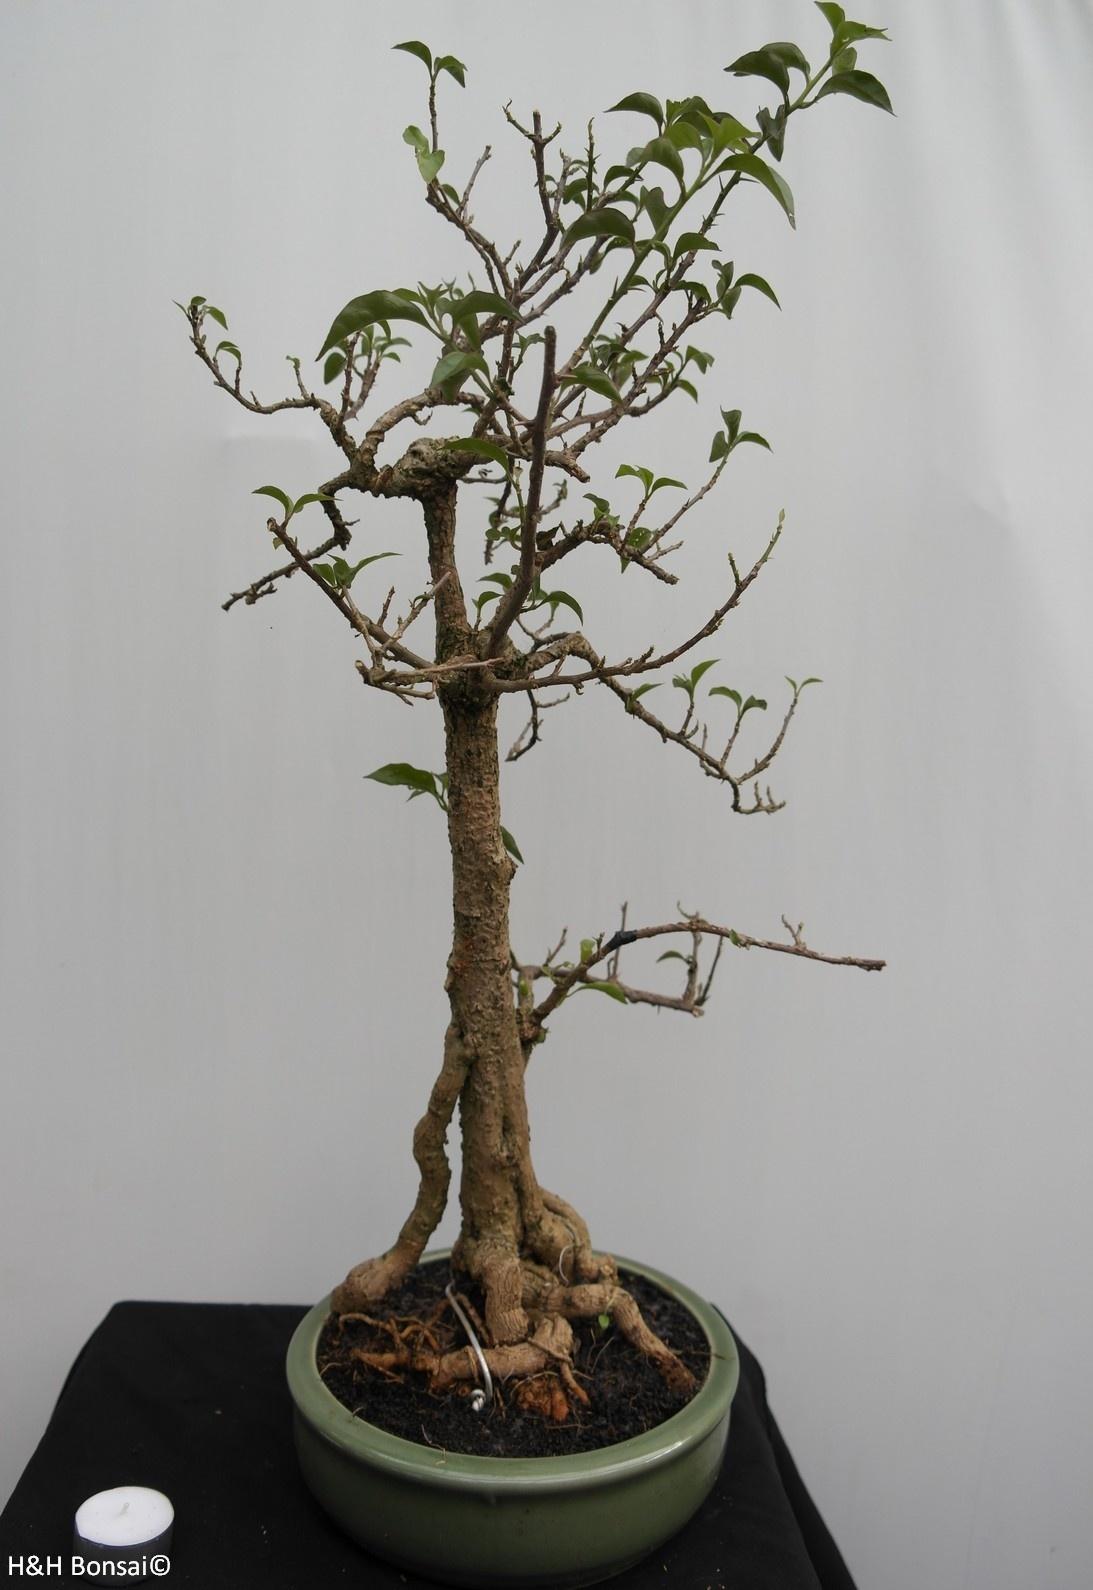 Bonsai Bougainvillier, Bougainvillea glabra, no. 7820